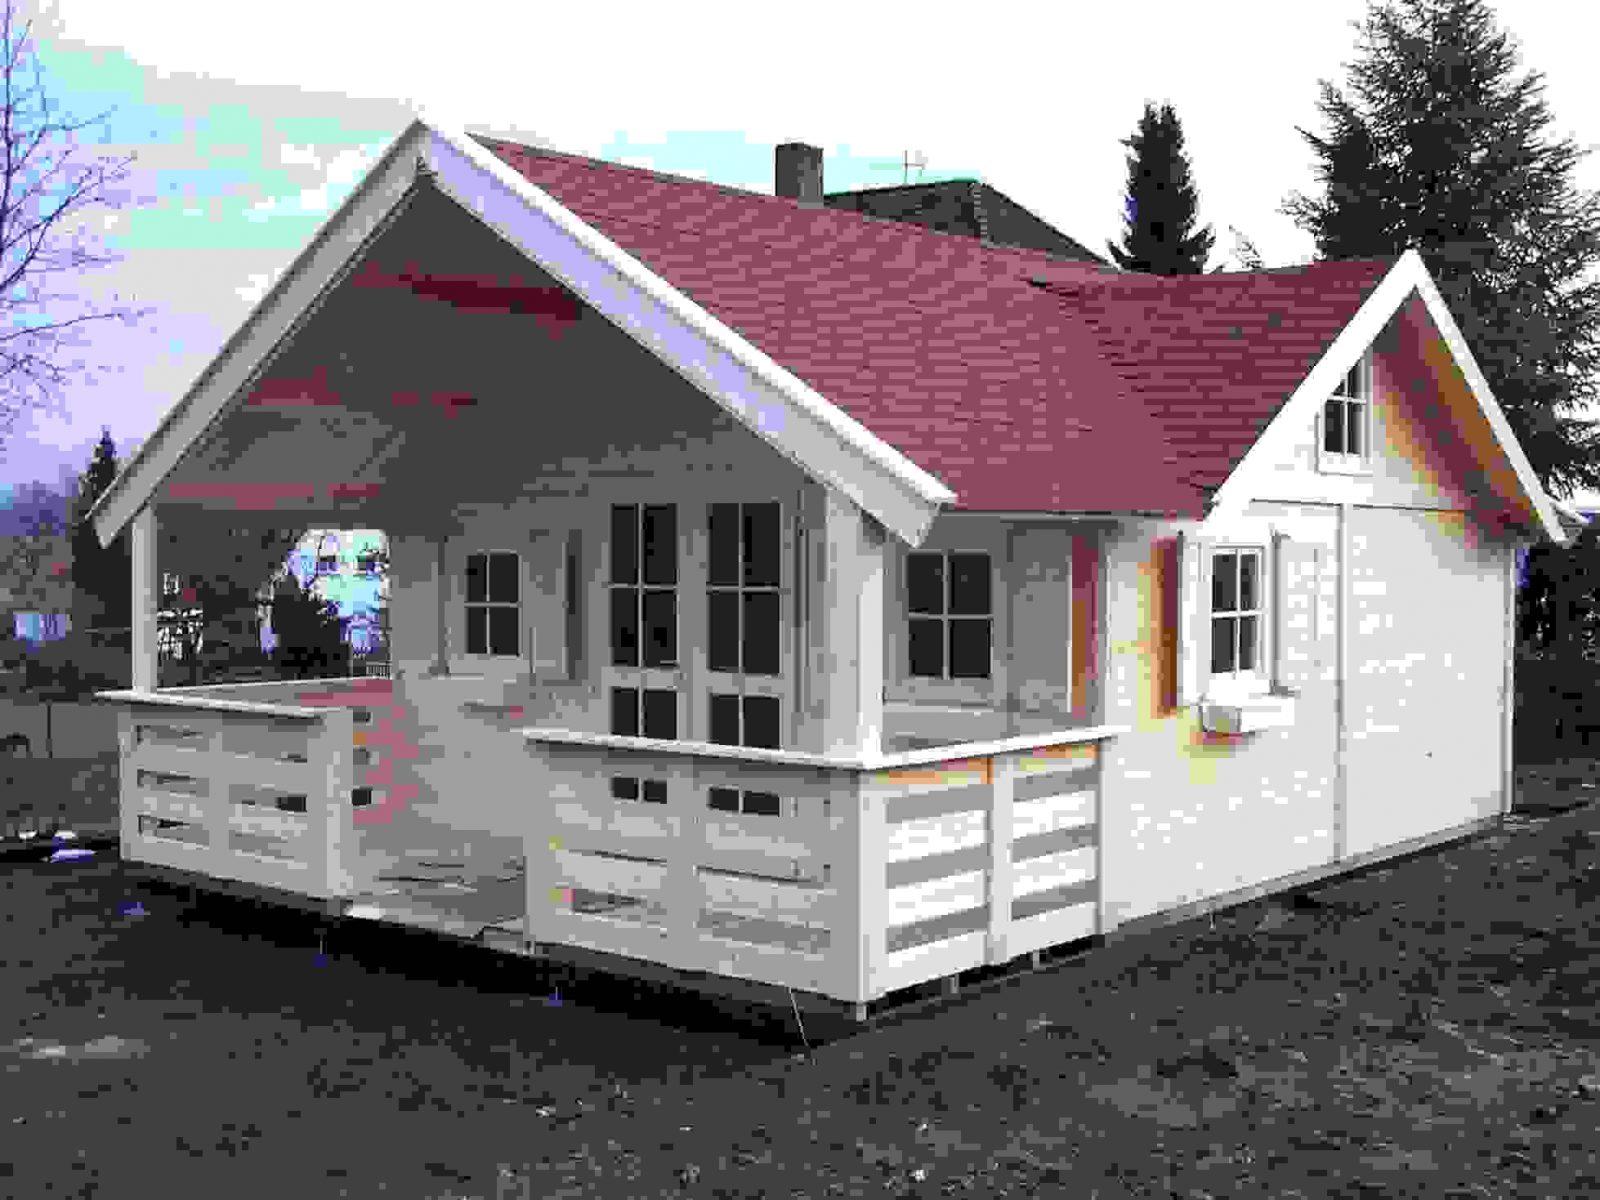 30 Einzigartig Holzhaus Selber Bauen Kosten Entwurf  Haus Und von Blockhaus Selber Bauen Kosten Photo